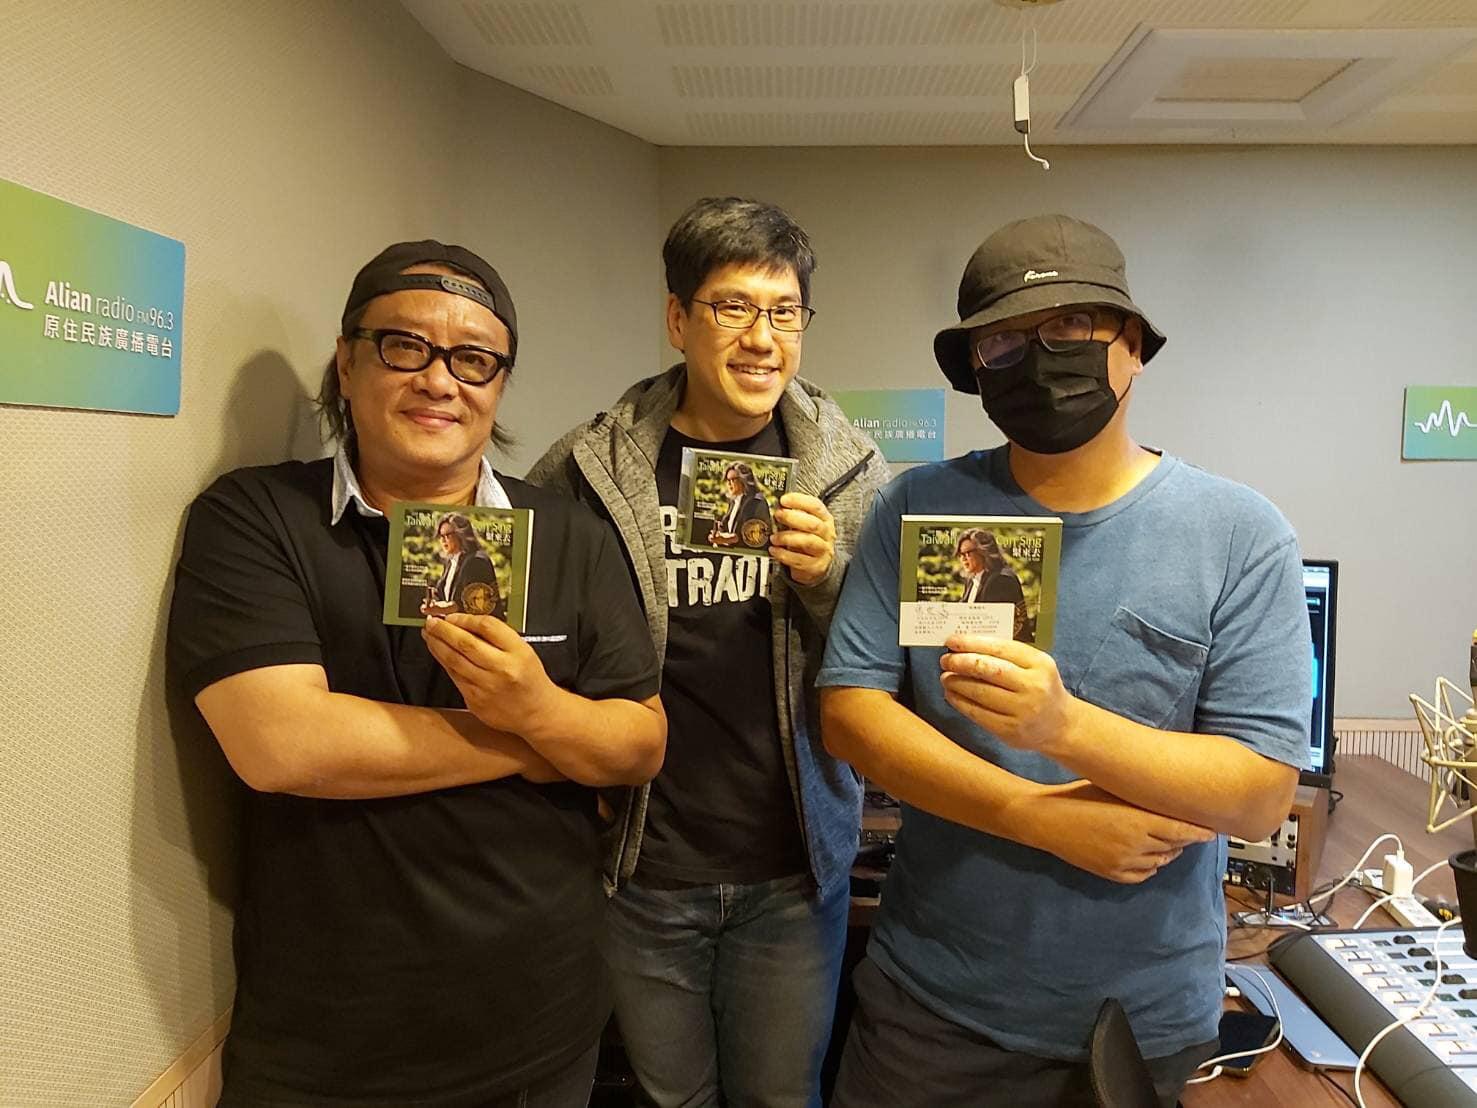 施文彬、武雄談《緊來去:台灣音樂地理雜誌》